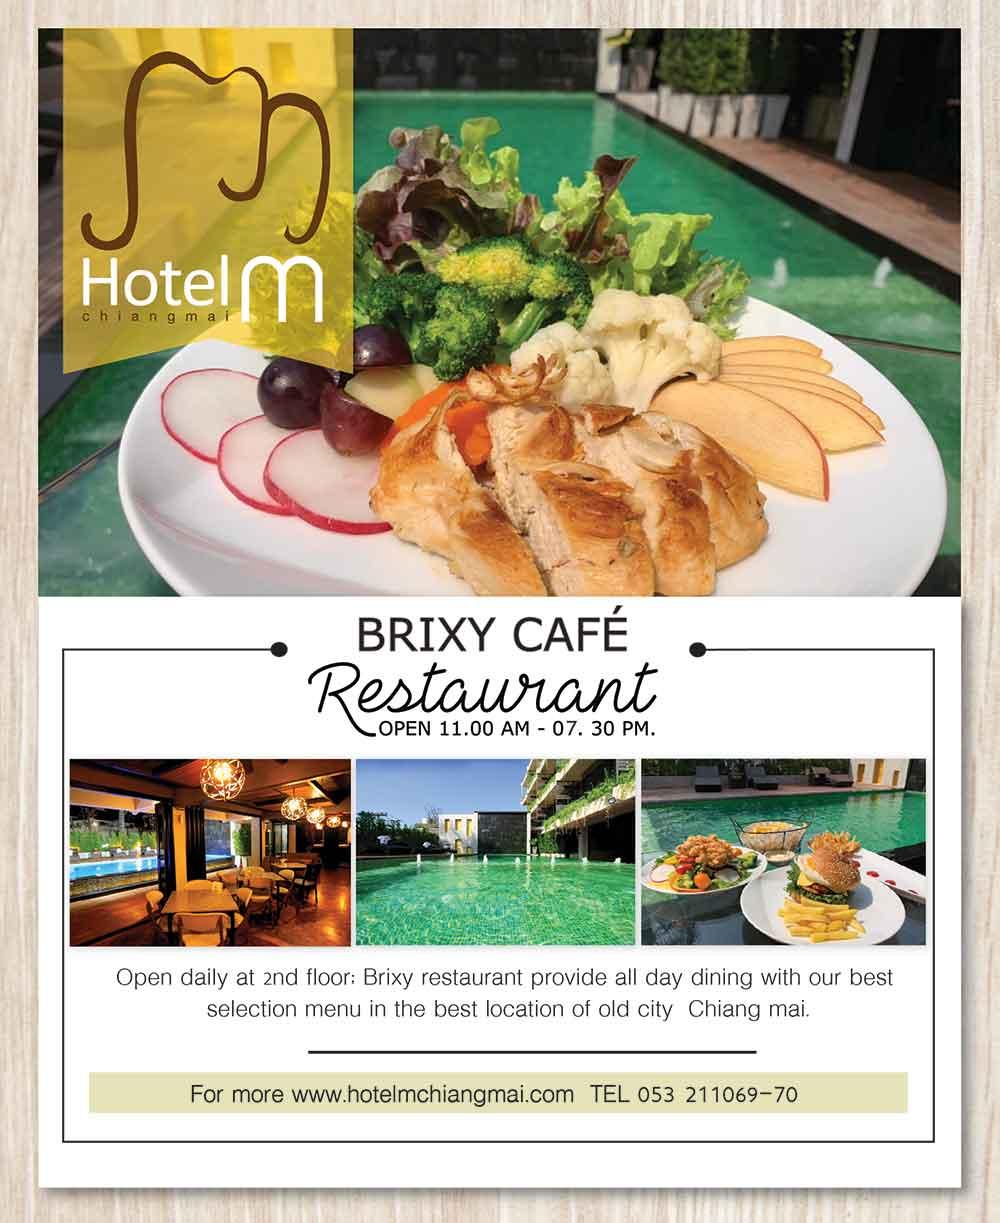 Brixy Cafe at Hotel M Chiang Mai